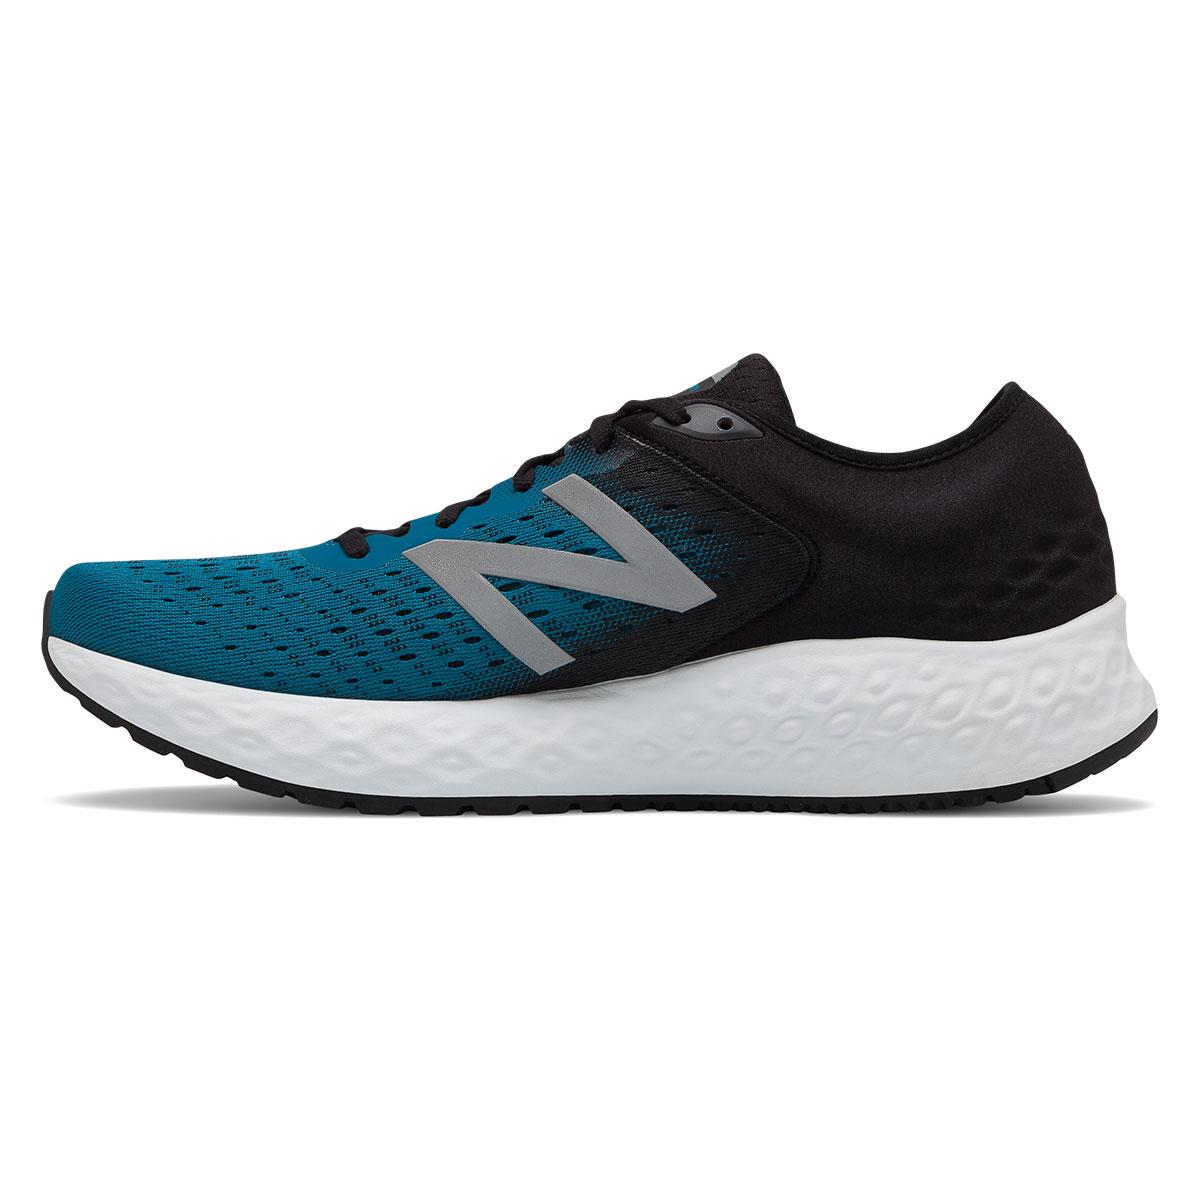 New Balance Mens 2019 Fresh Foam Foam Foam 1080v9 Running Ortholite No Sew Trainers 9c72ff